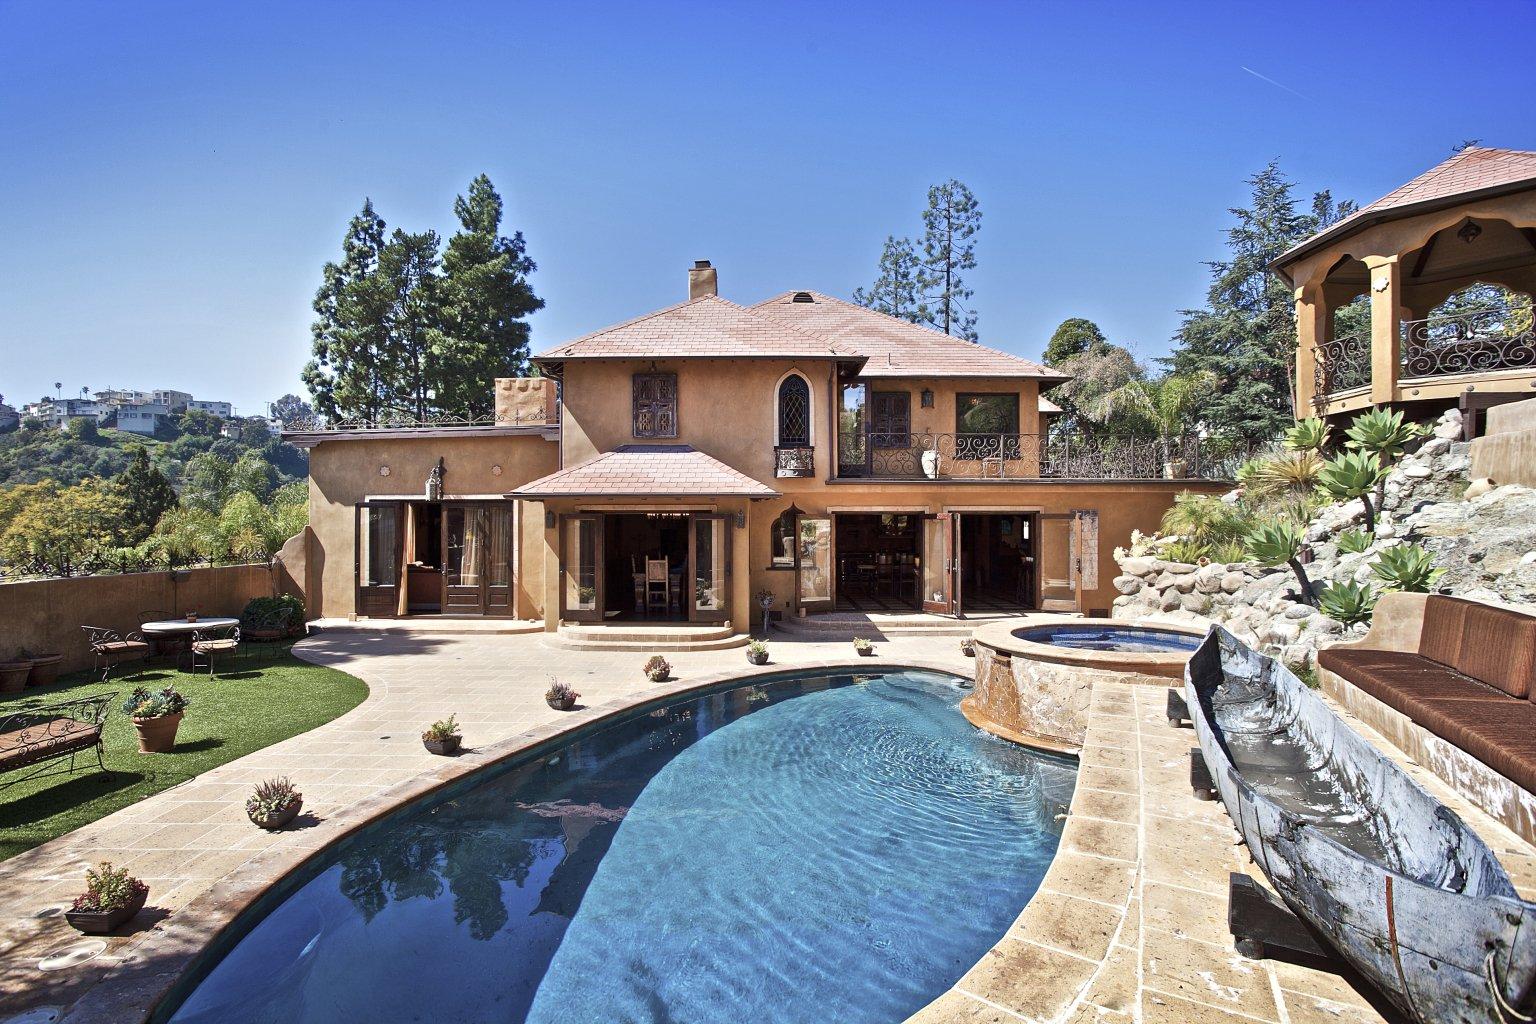 Maison avec piscine 4 chambres los angeles - Los angeles maison de star ...